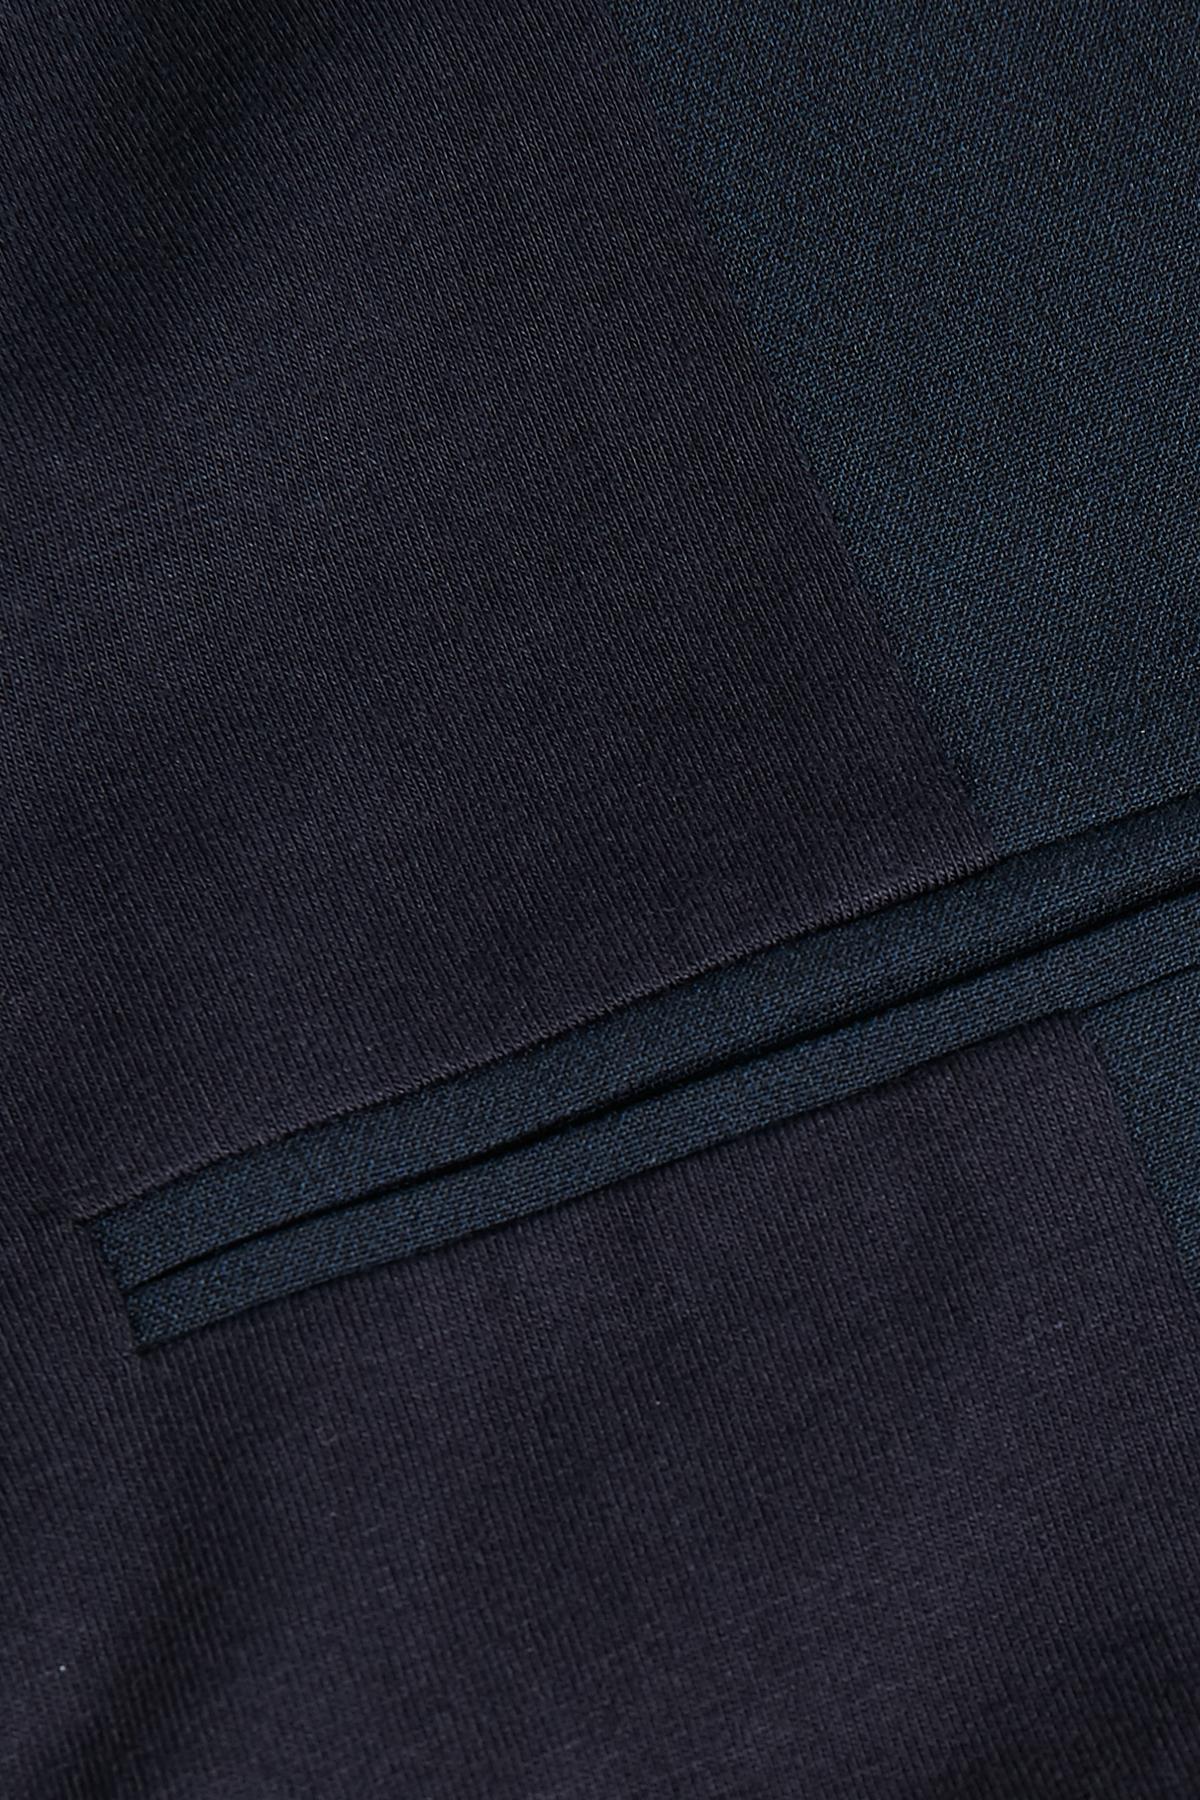 Marineblå Blazer fra Kaffe – Køb Marineblå Blazer fra str. 32-46 her